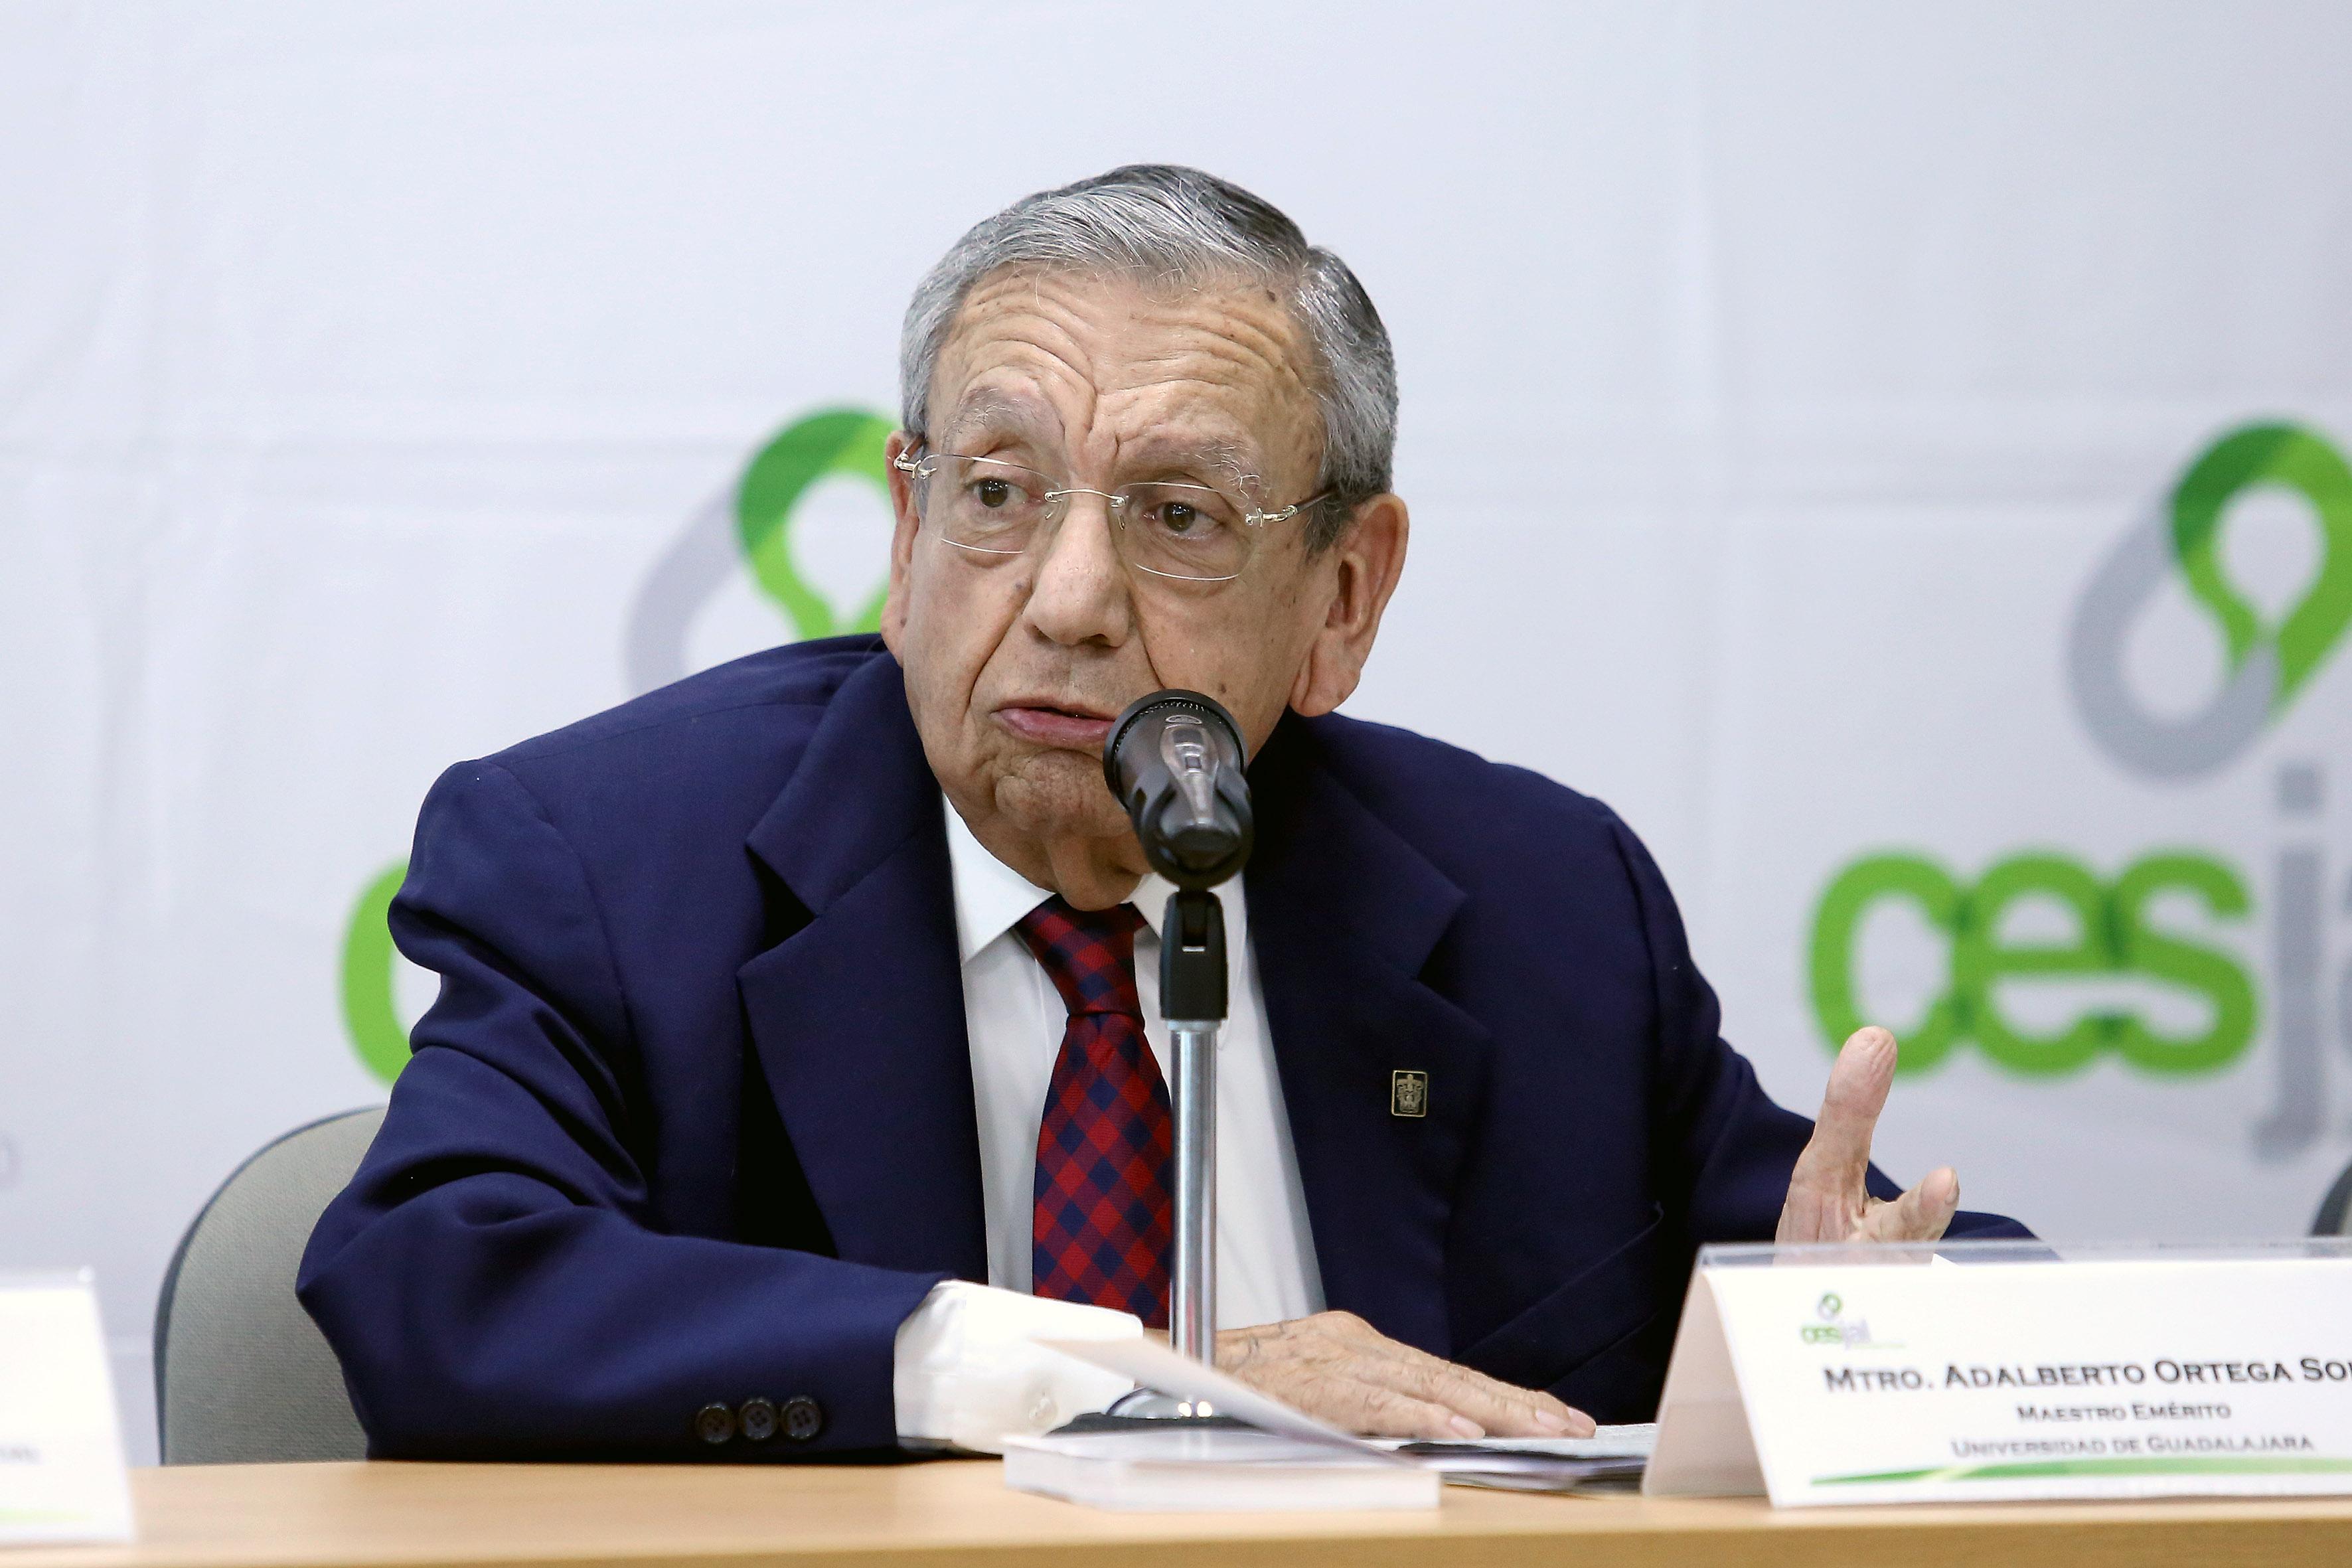 Maestro Adalberto Ortega Solís, ex vicepresidente de Cesjal y Profesor Emérito de la Universidad de Guadalajara, haciendo uso de la voz.